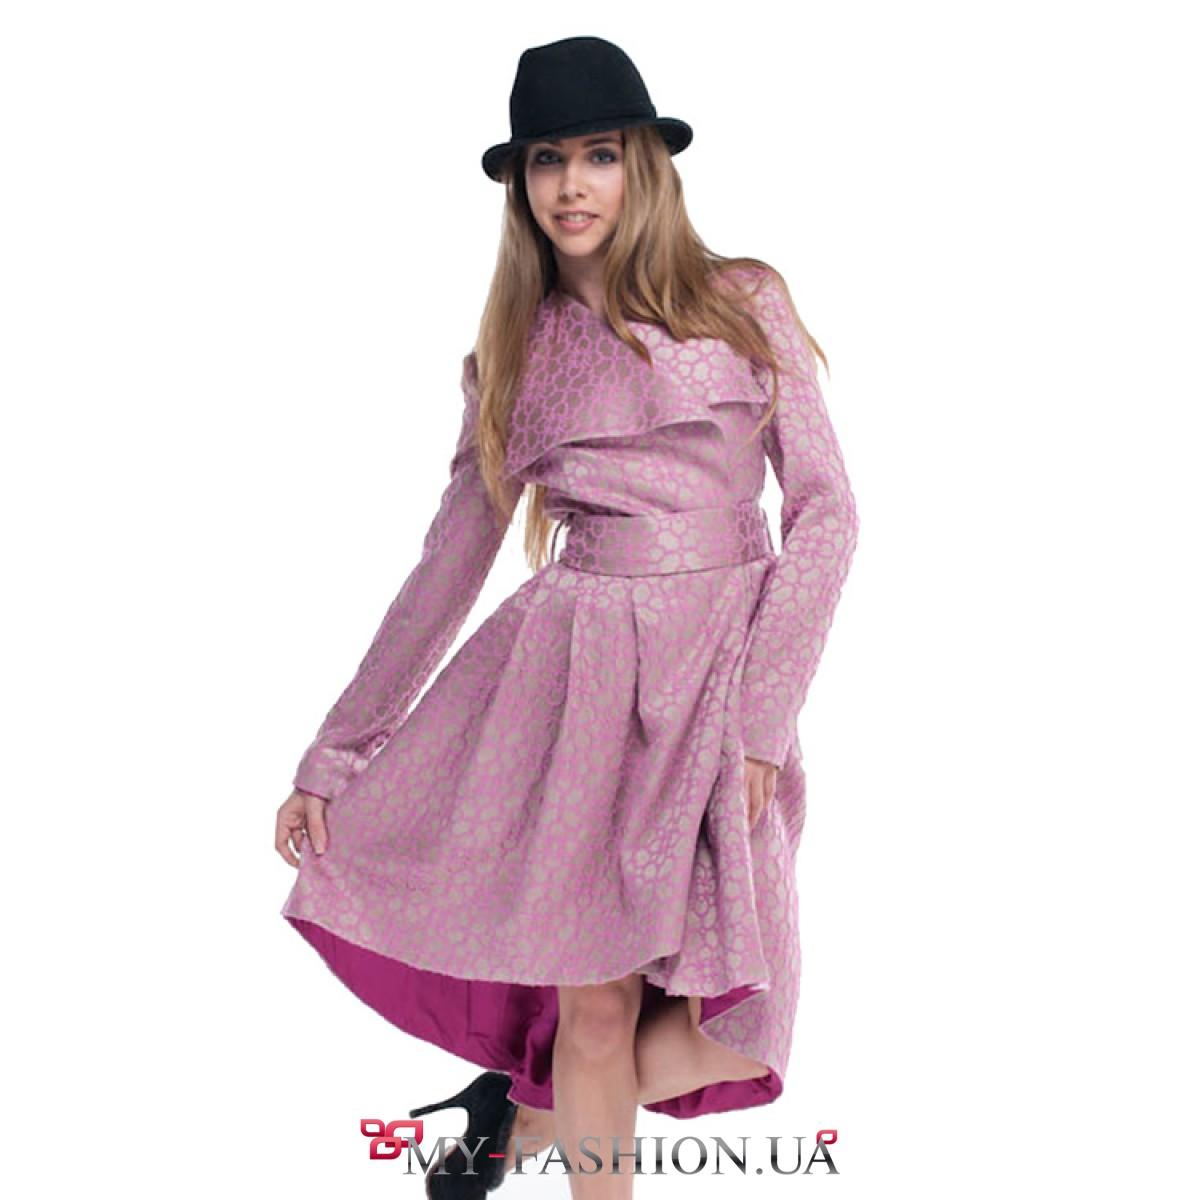 Модные блузки 2017 доставка